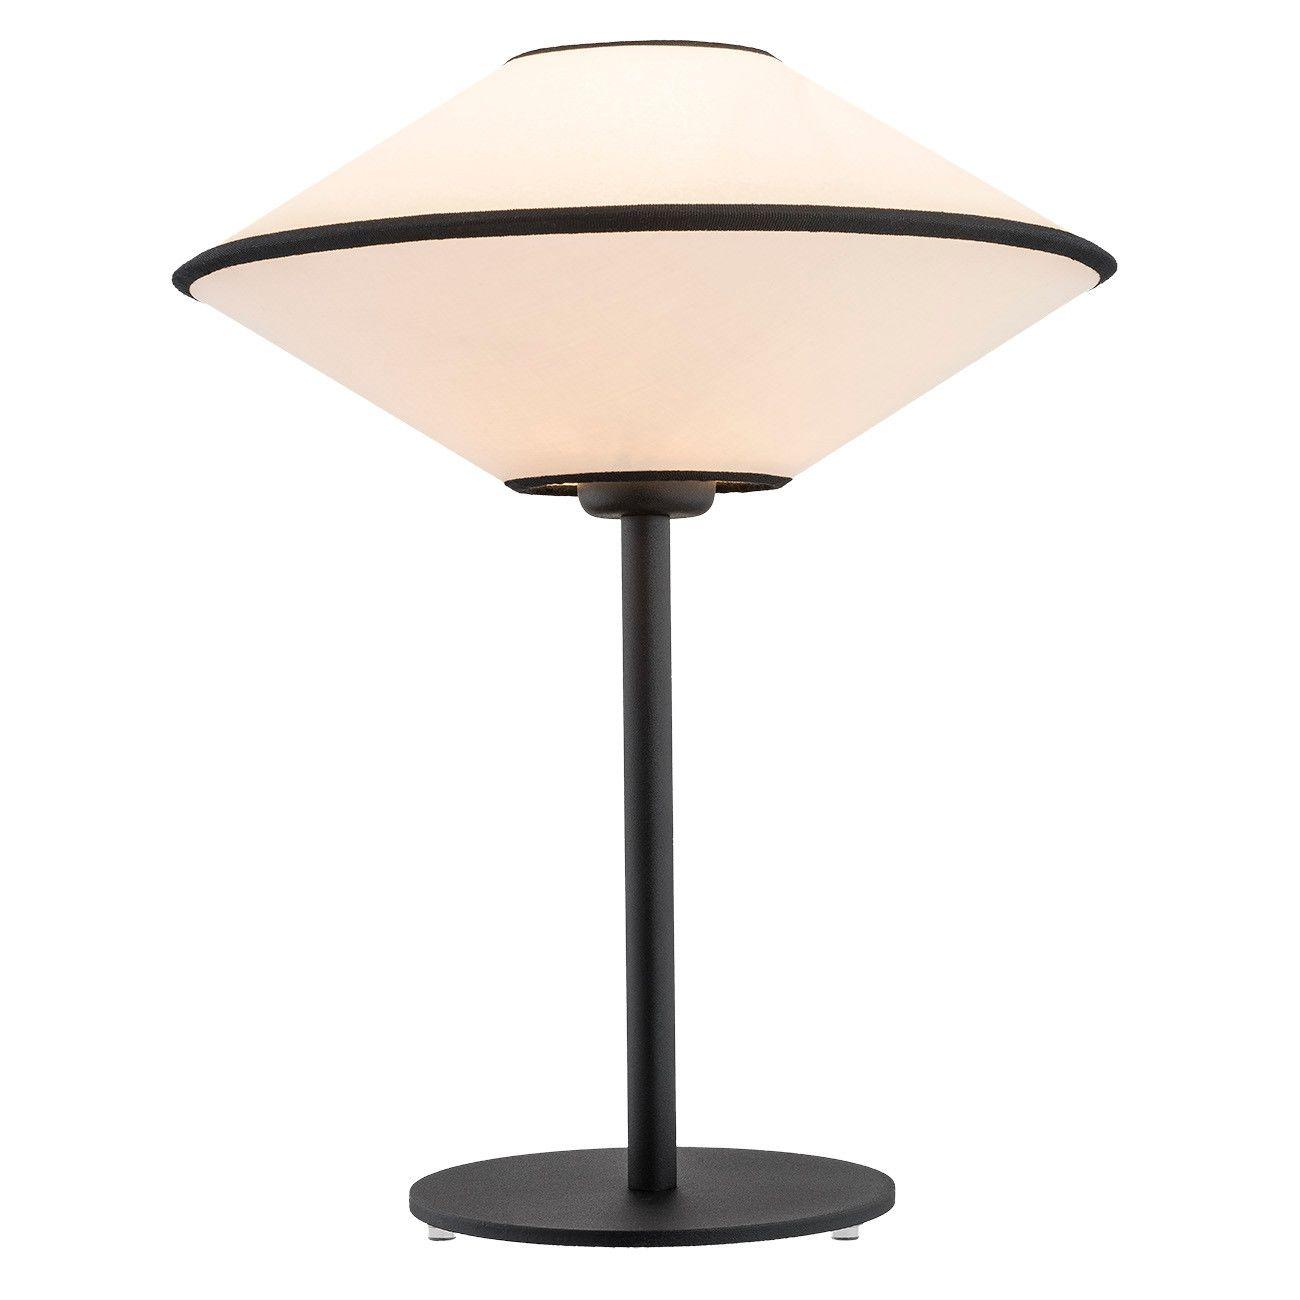 Czarna lampa stołowa Troy - beżowy abażur